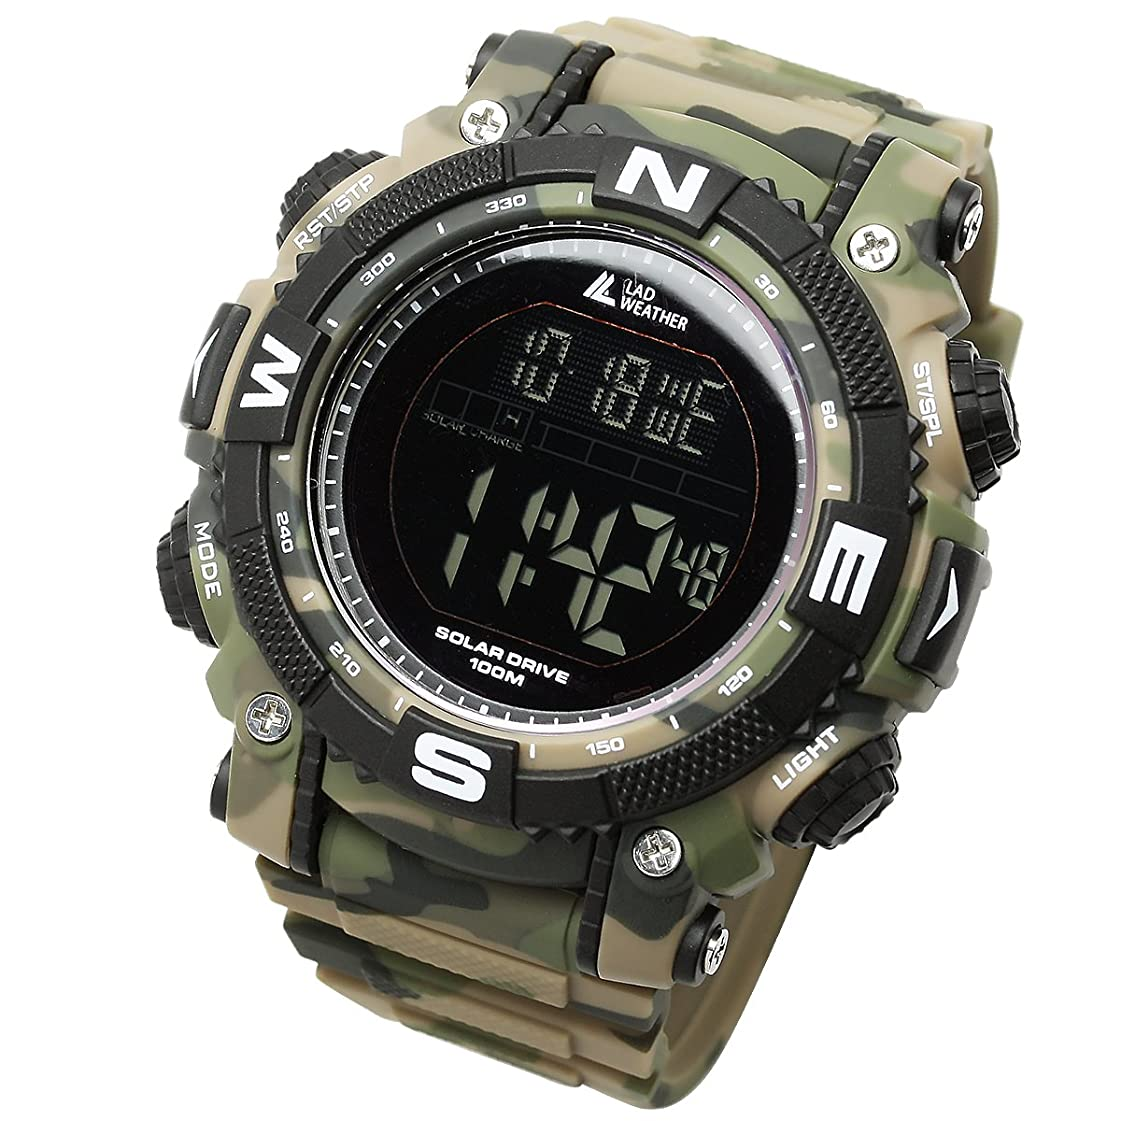 潜在的なするだろう着実にCASIO (カシオ) 腕時計 データバンク DBC32D-1A シルバー[逆輸入品]